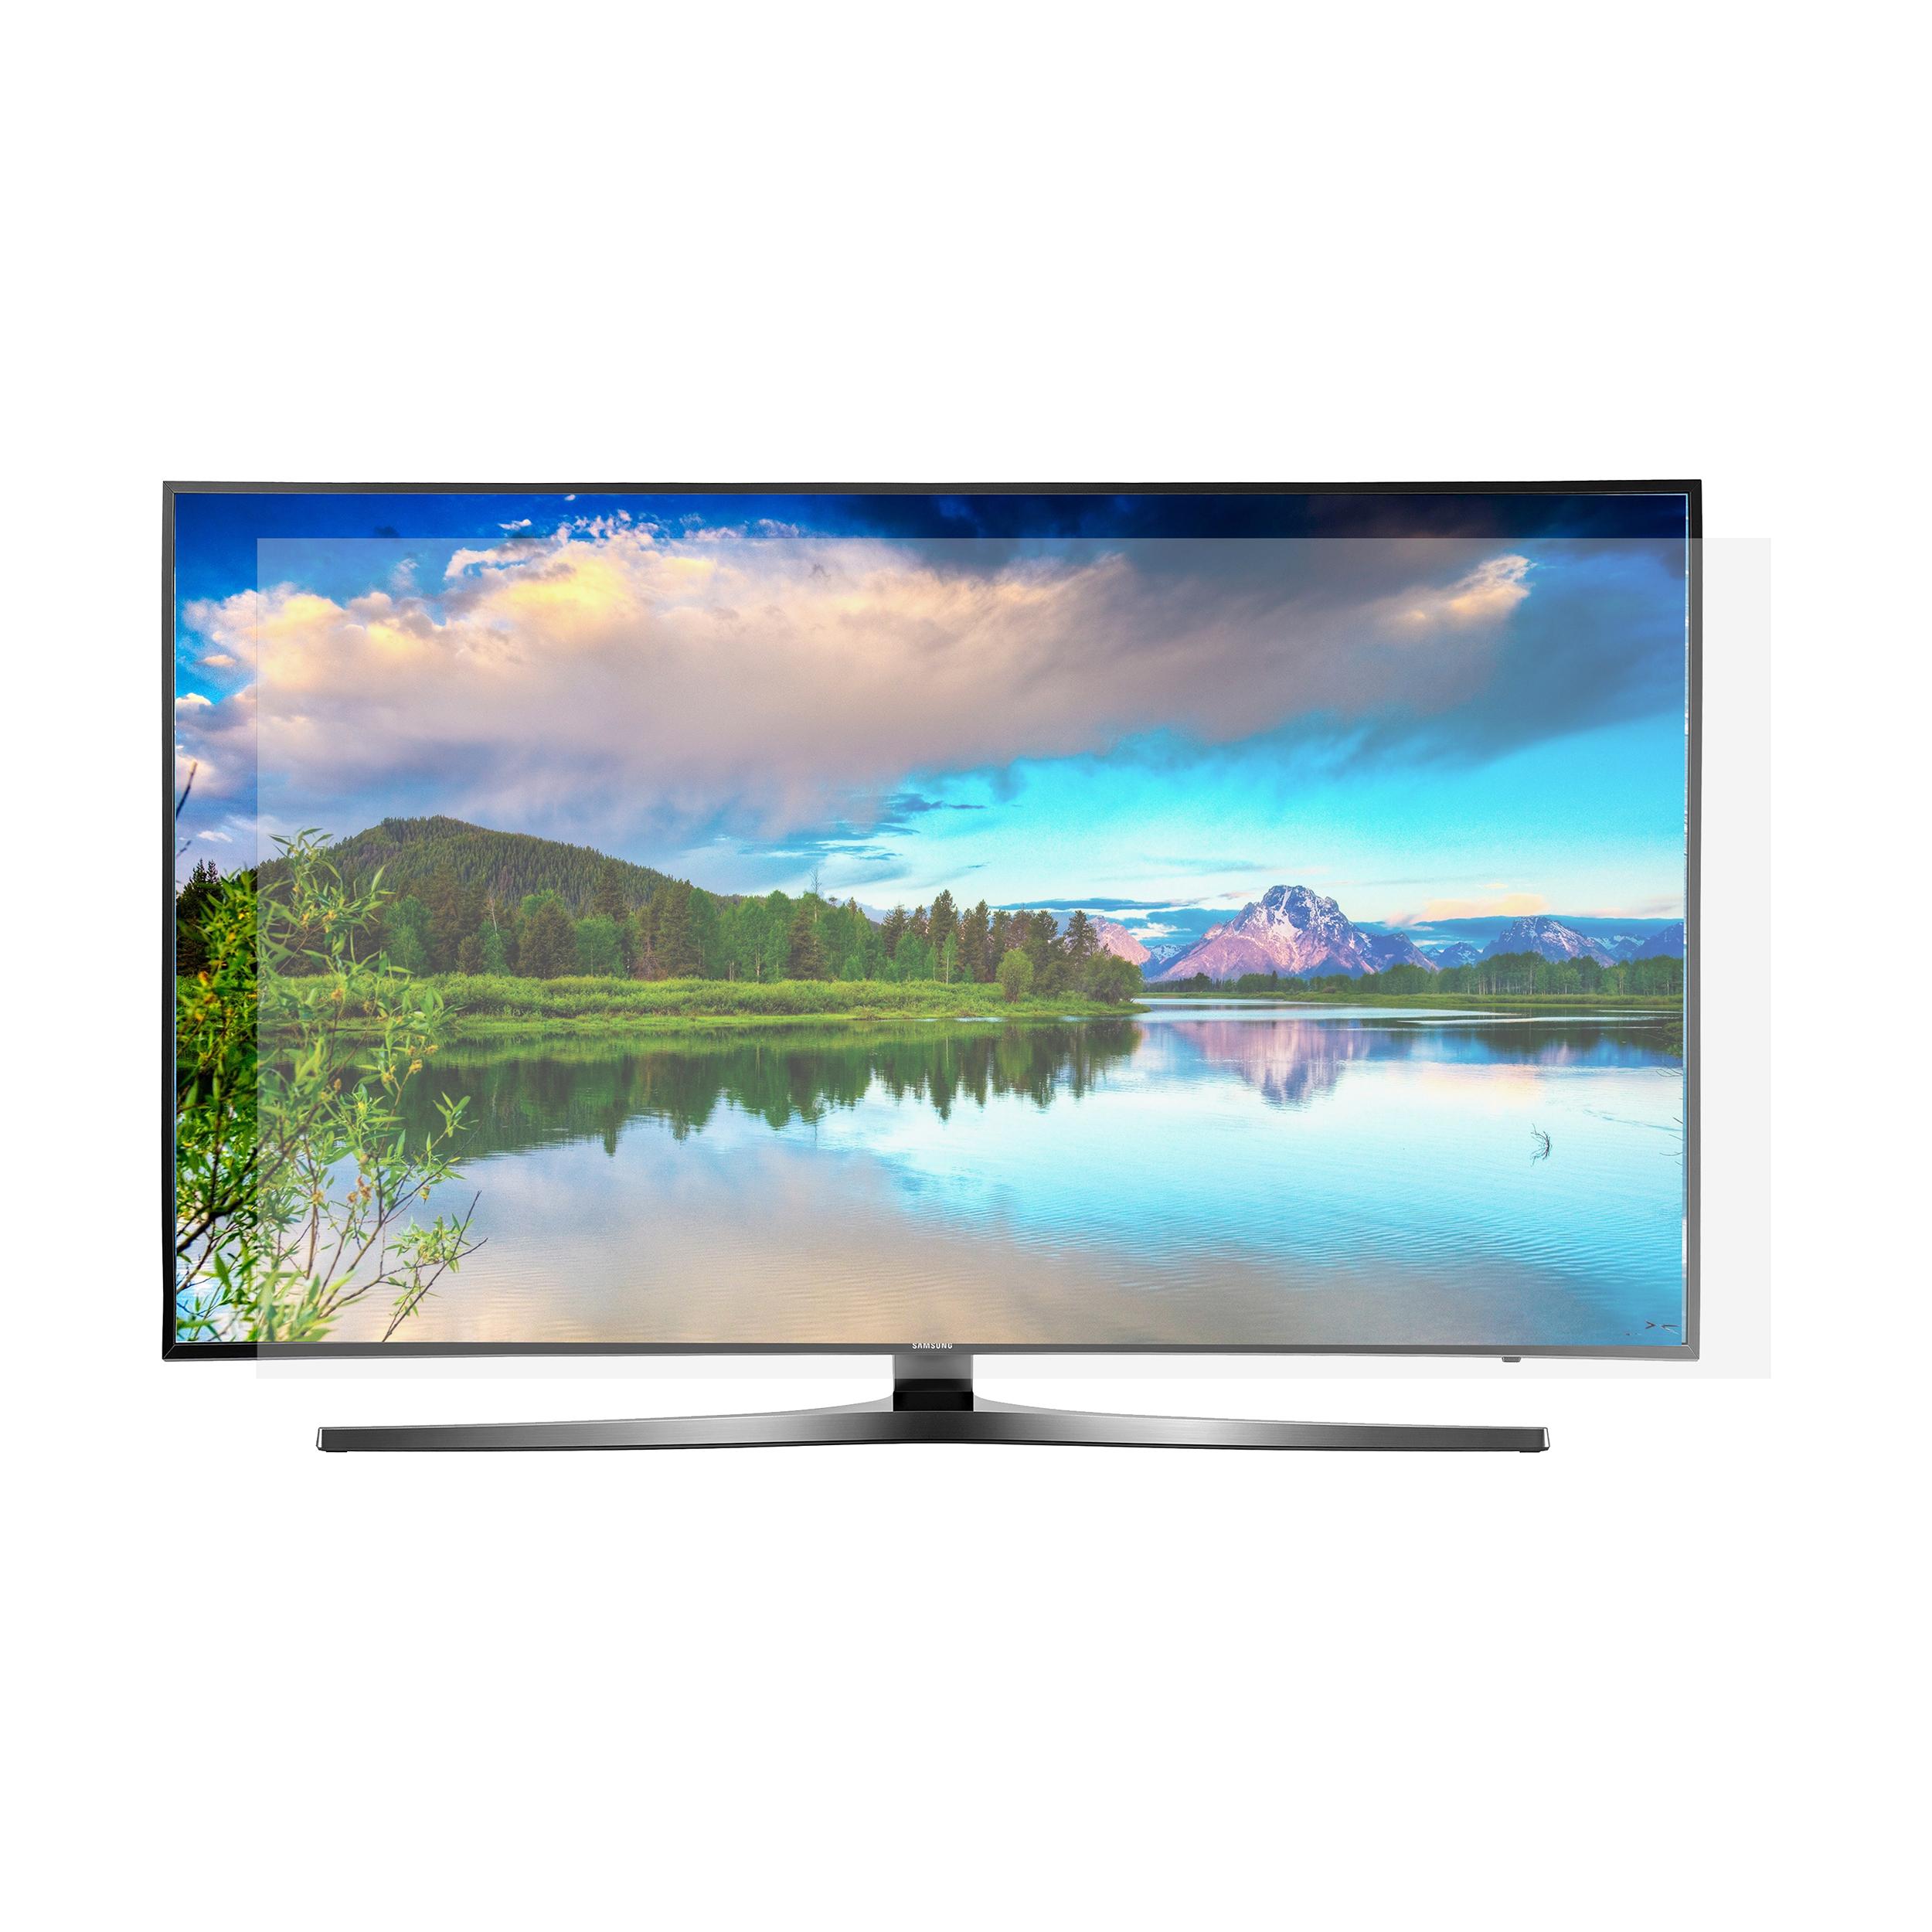 محافظ صفحه نمایش تلویزیون مدل SP-47 مناسب برای تلویزیون های  47 اینچی